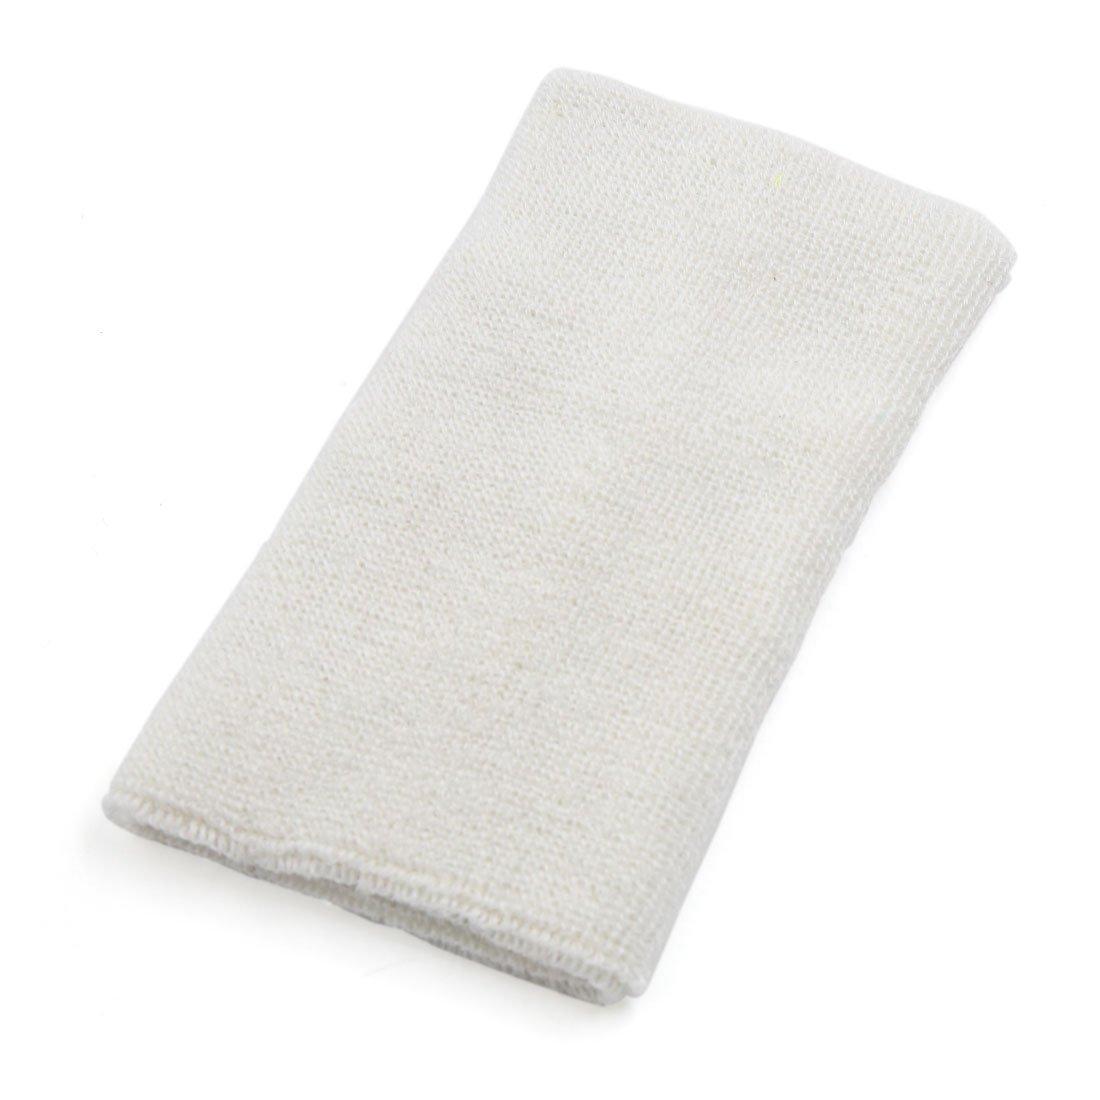 Amazon.com : eDealMax Toalla algodón Caliente del codo del brazo de la Manga Proteger cojín Protector Para Los deportes Conjunto : Sports & Outdoors